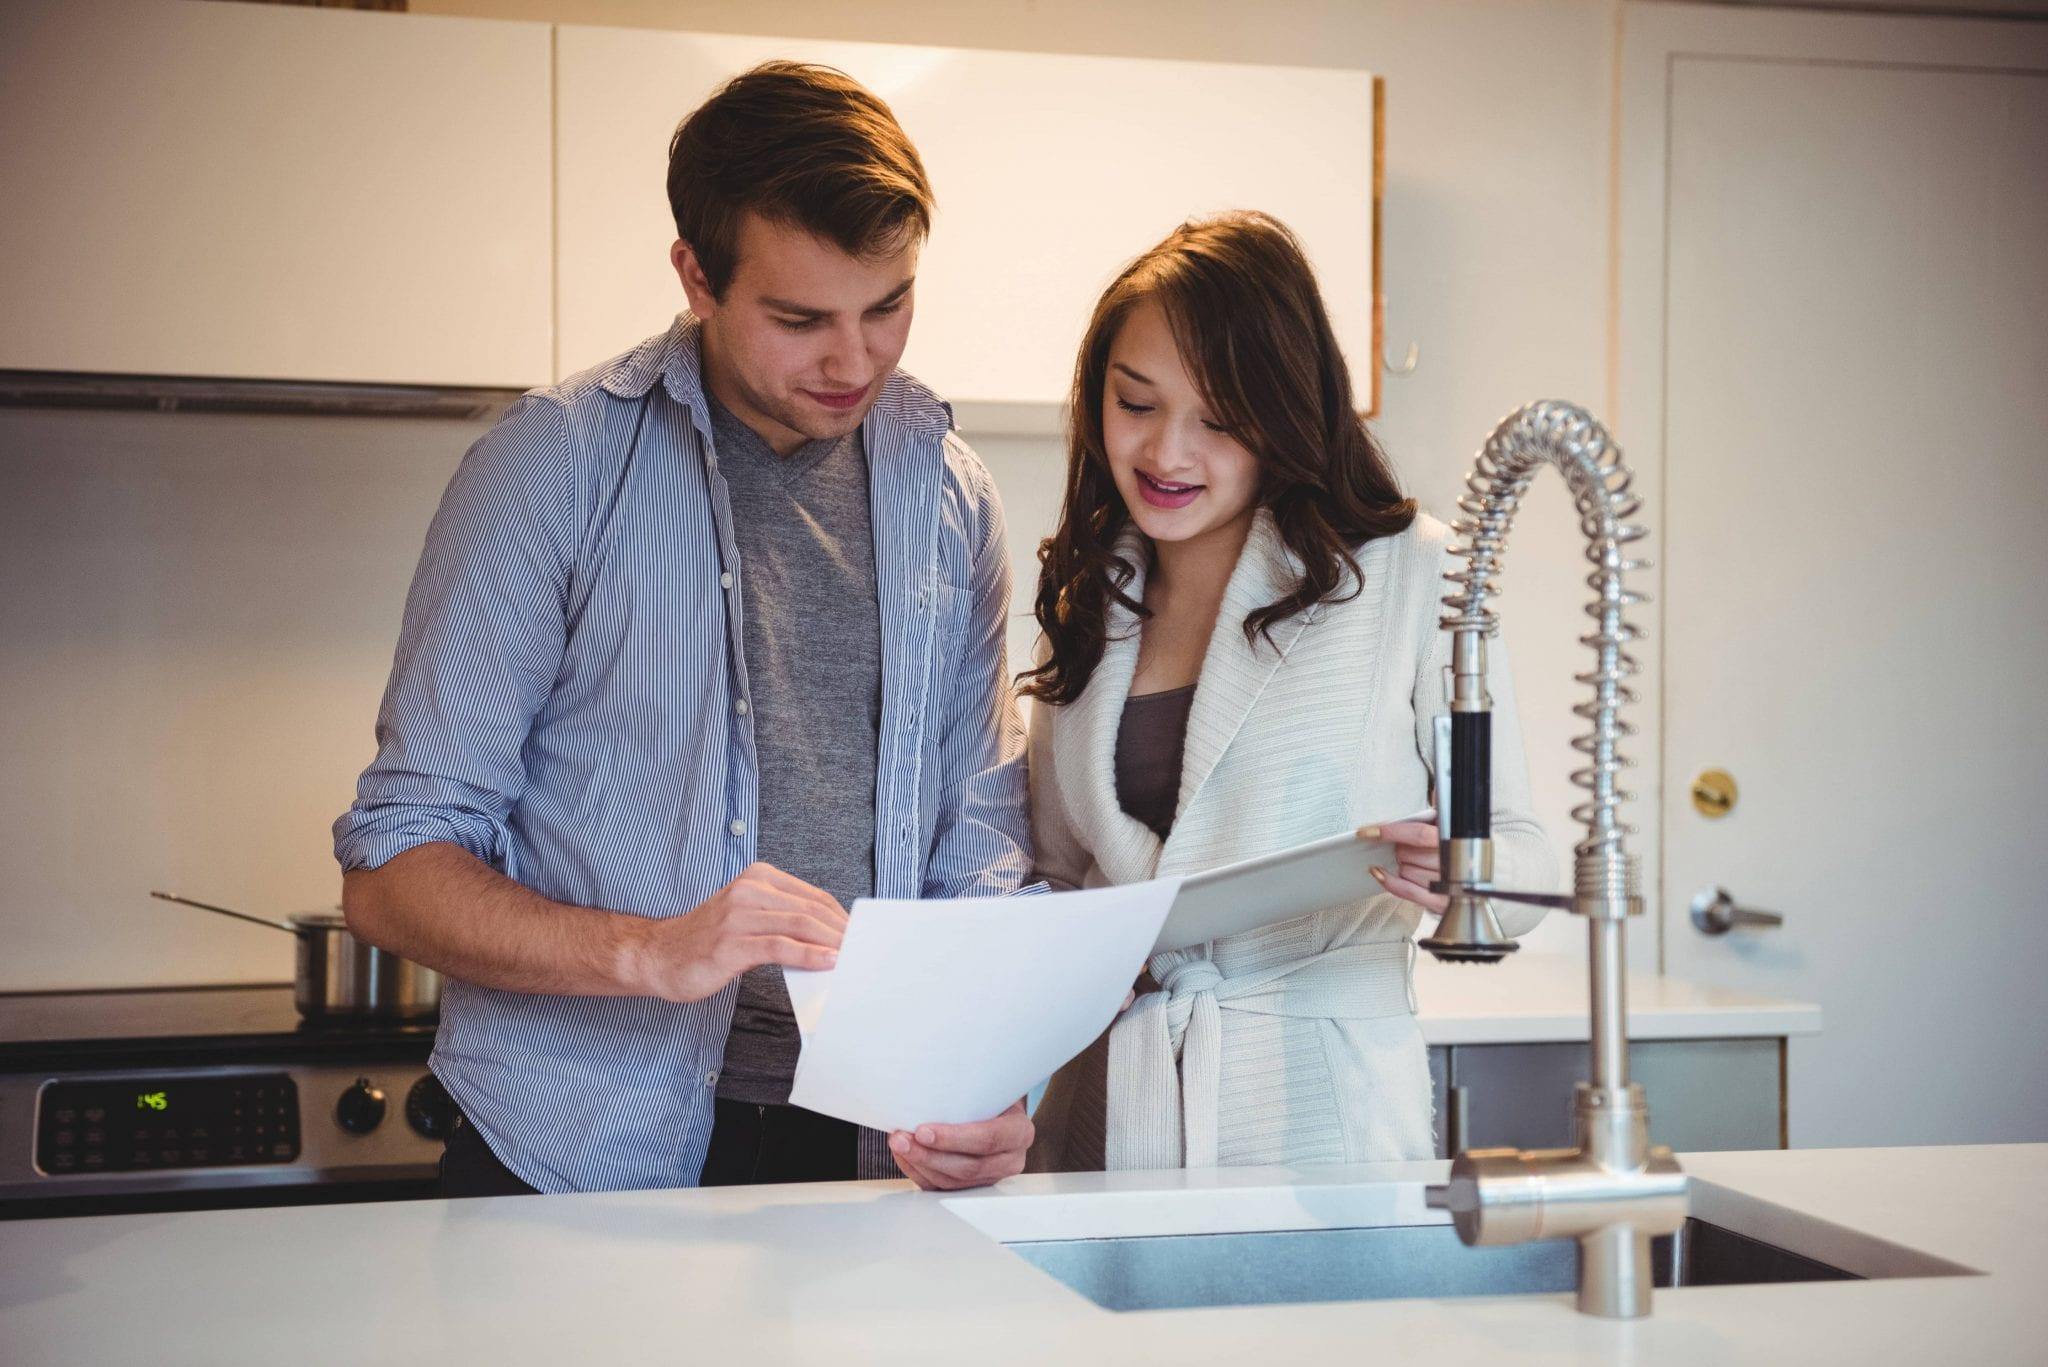 Vente immobilière entre particuliers : bonne ou mauvaise idée?